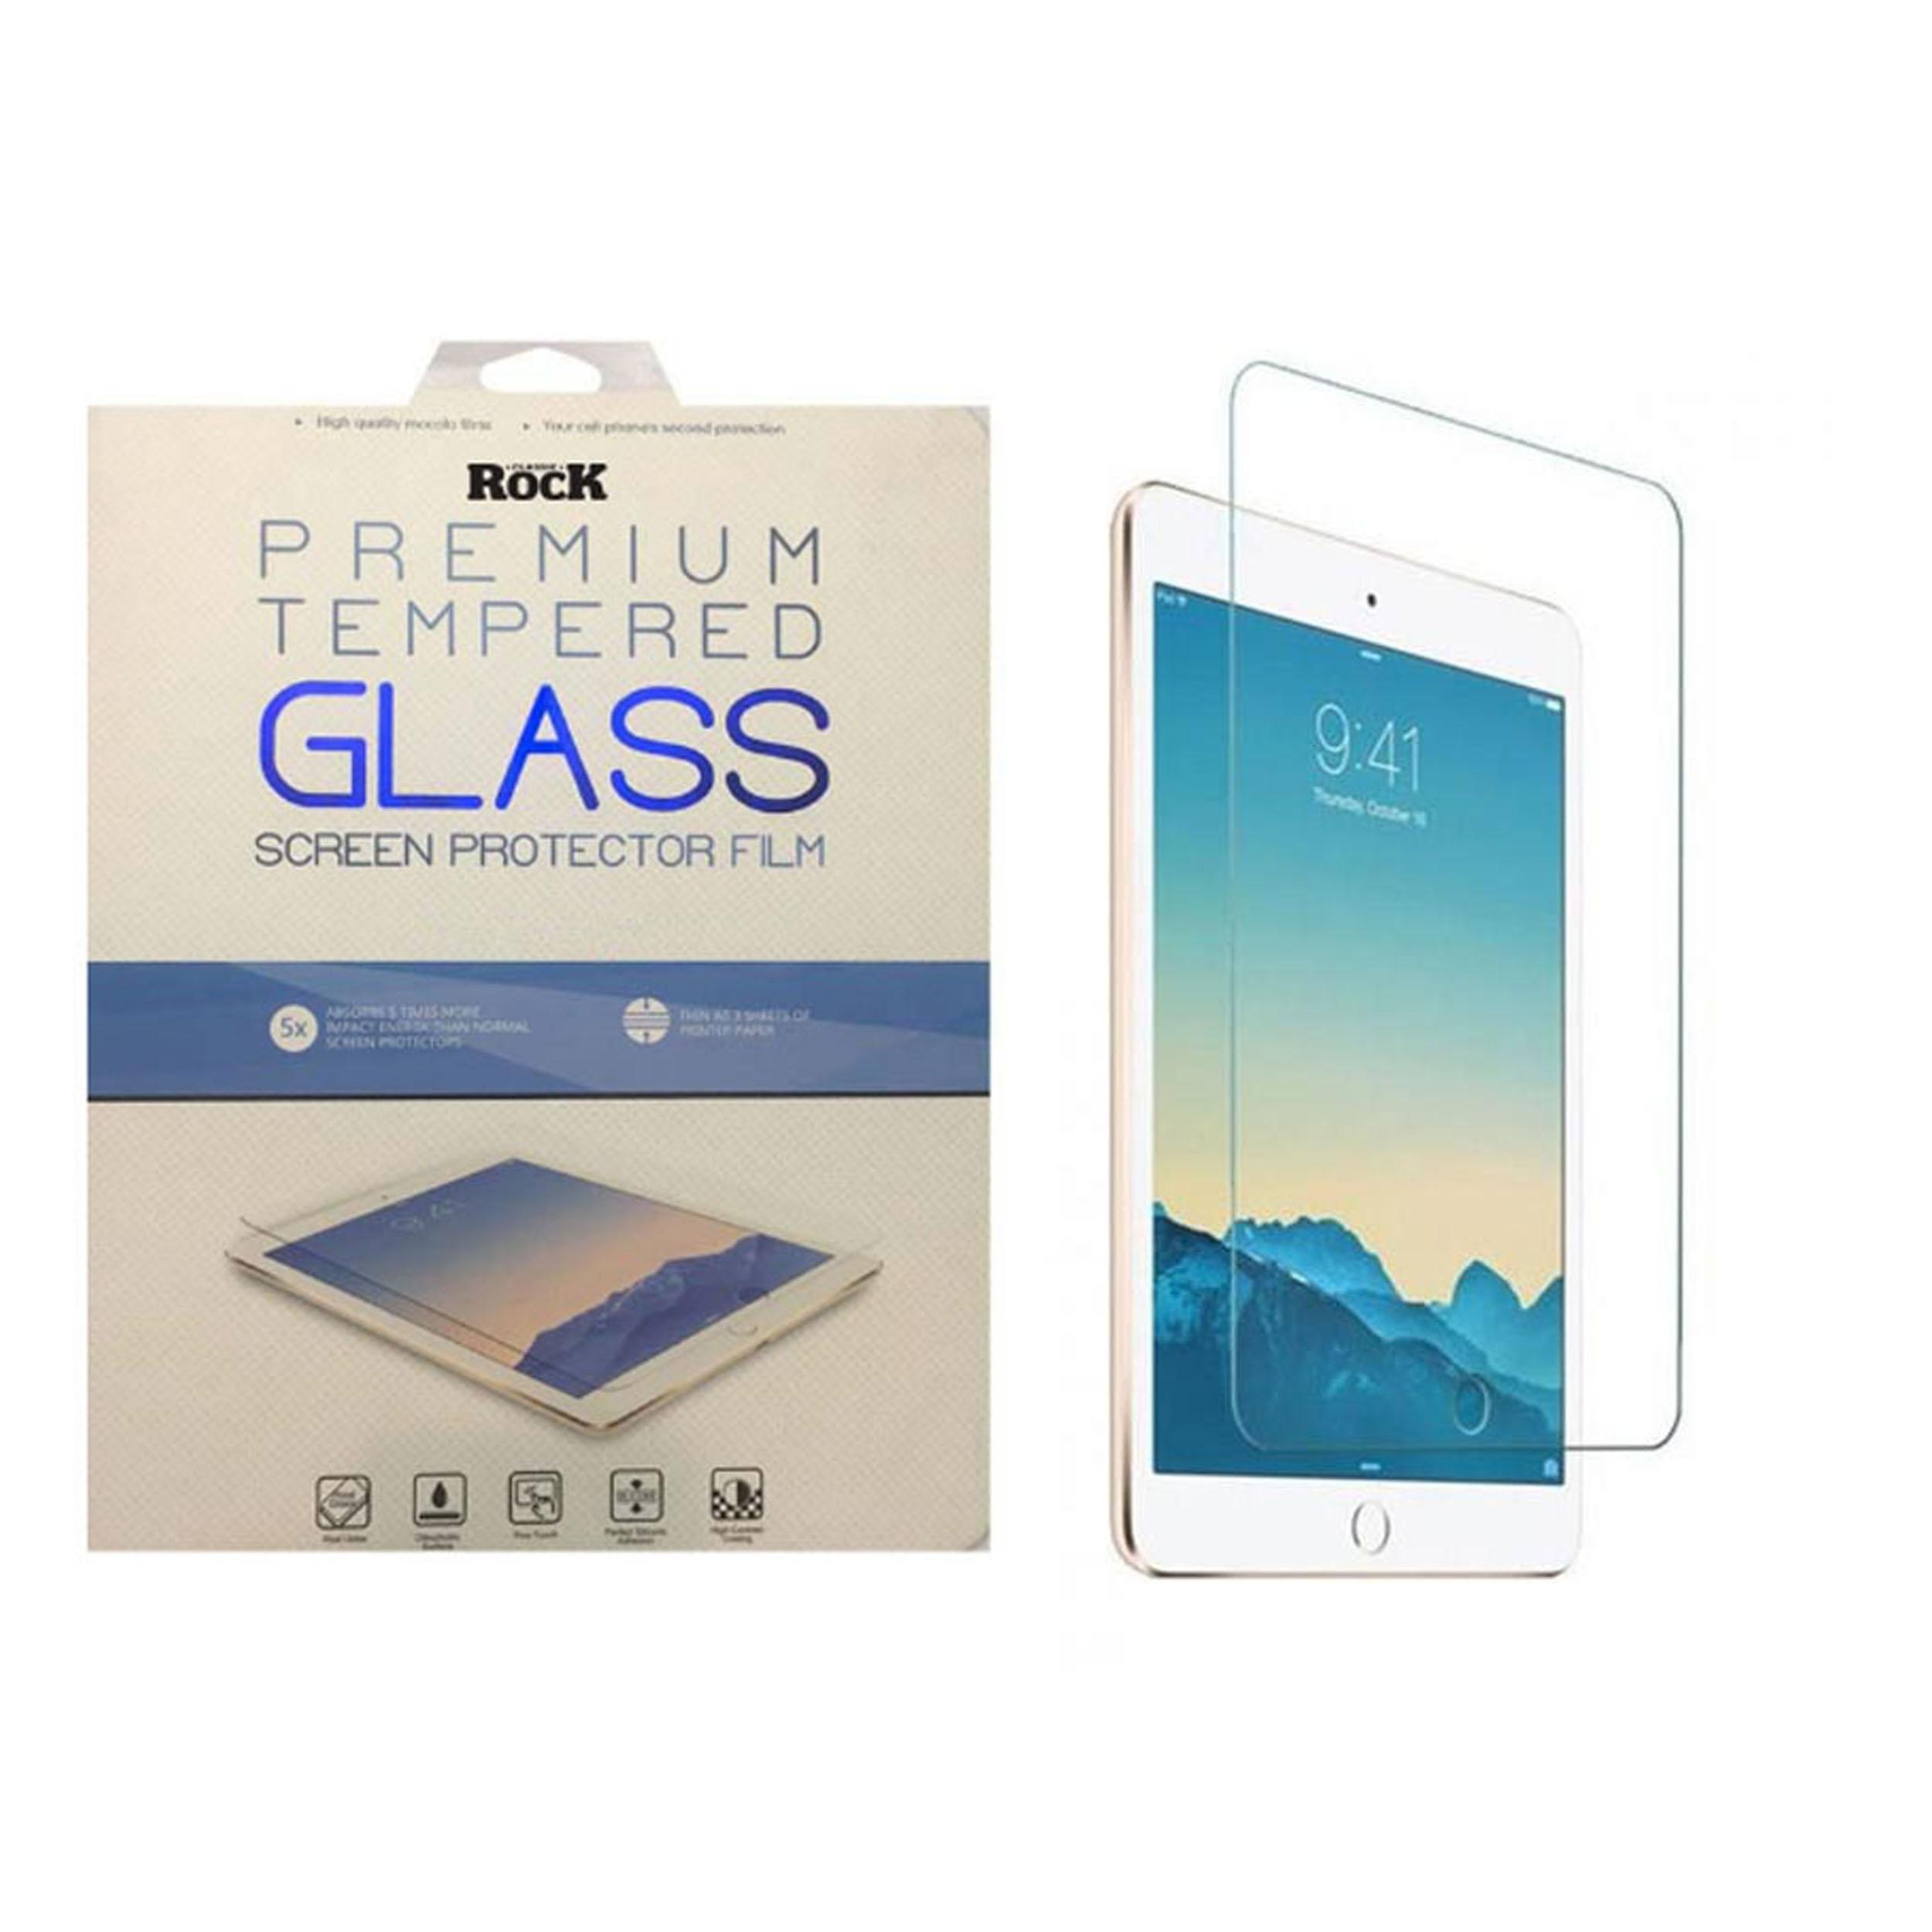 محافظ صفحه نمایش مدل RCL01 مناسب برای تبلت اپل iPad Pro 10.5 Inch